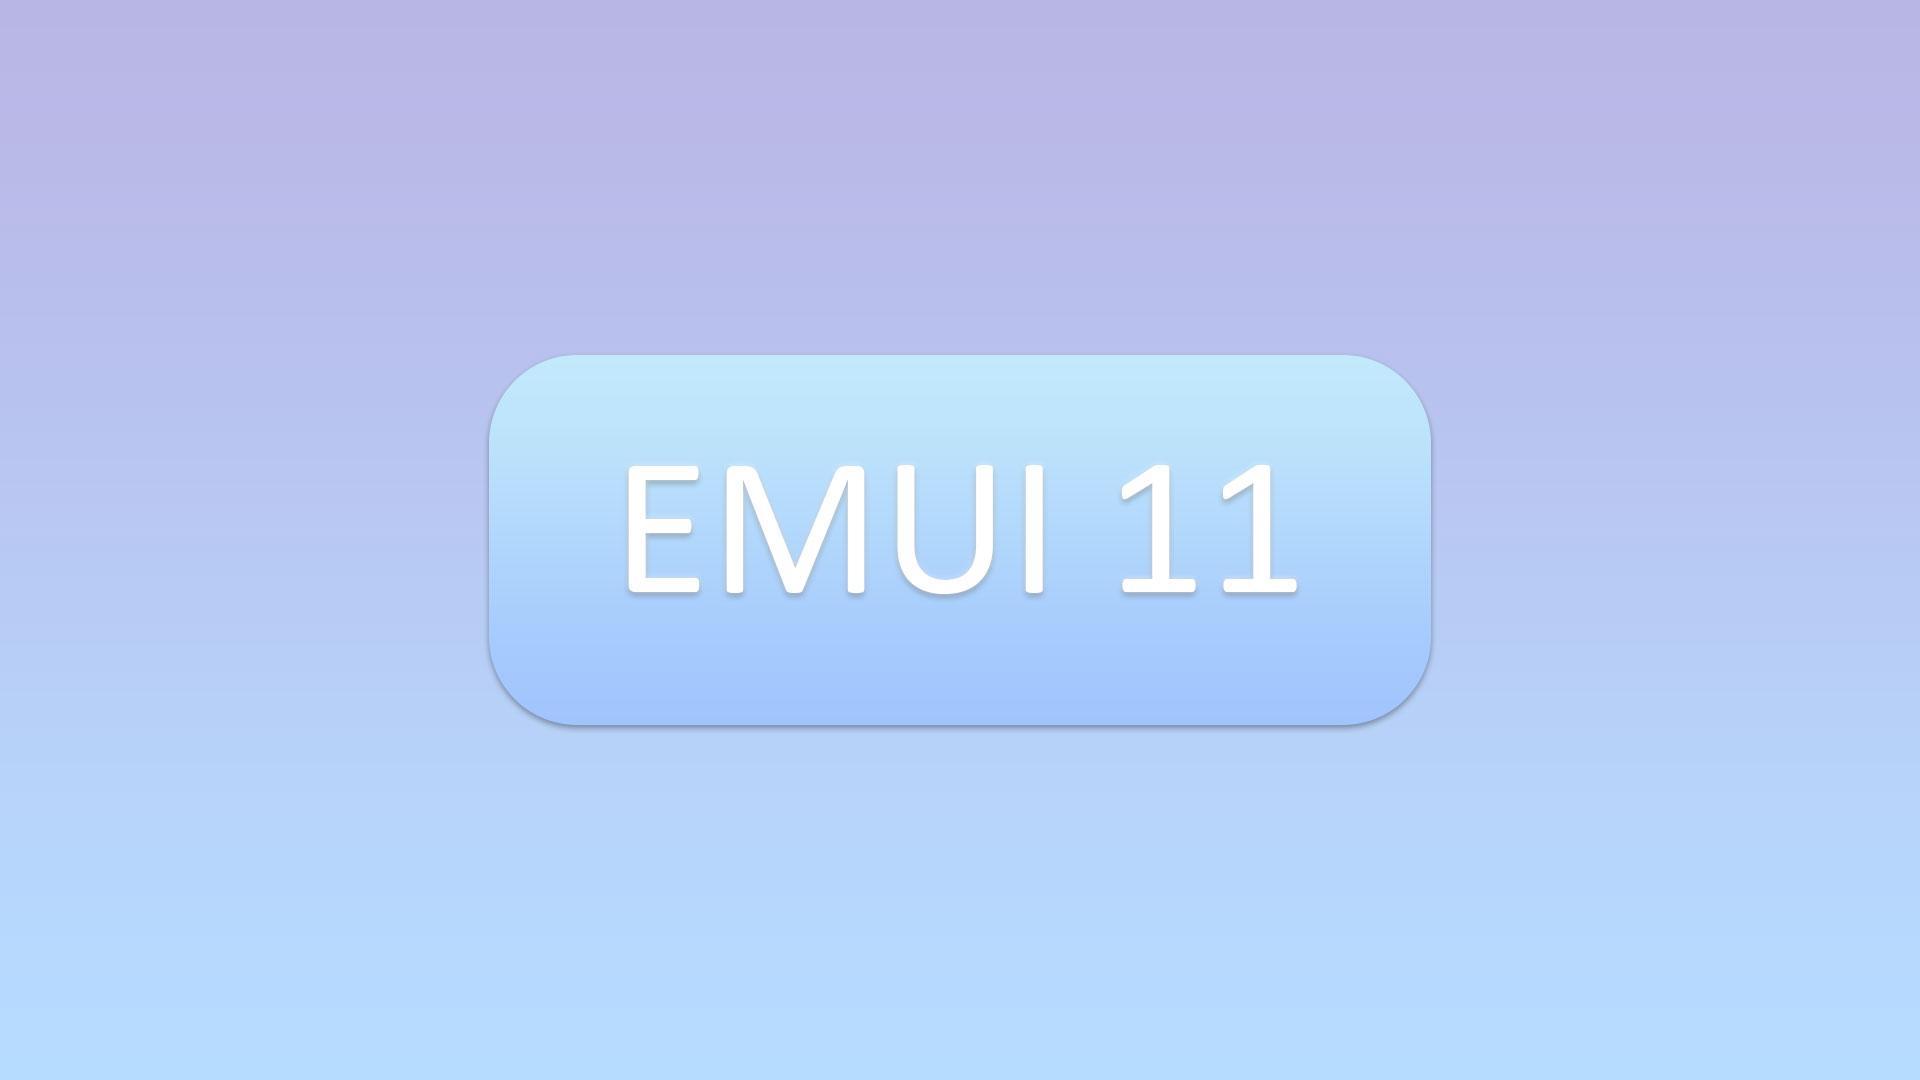 Названы смартфоны Huawei/Honor, которые неполучат EMUI 11